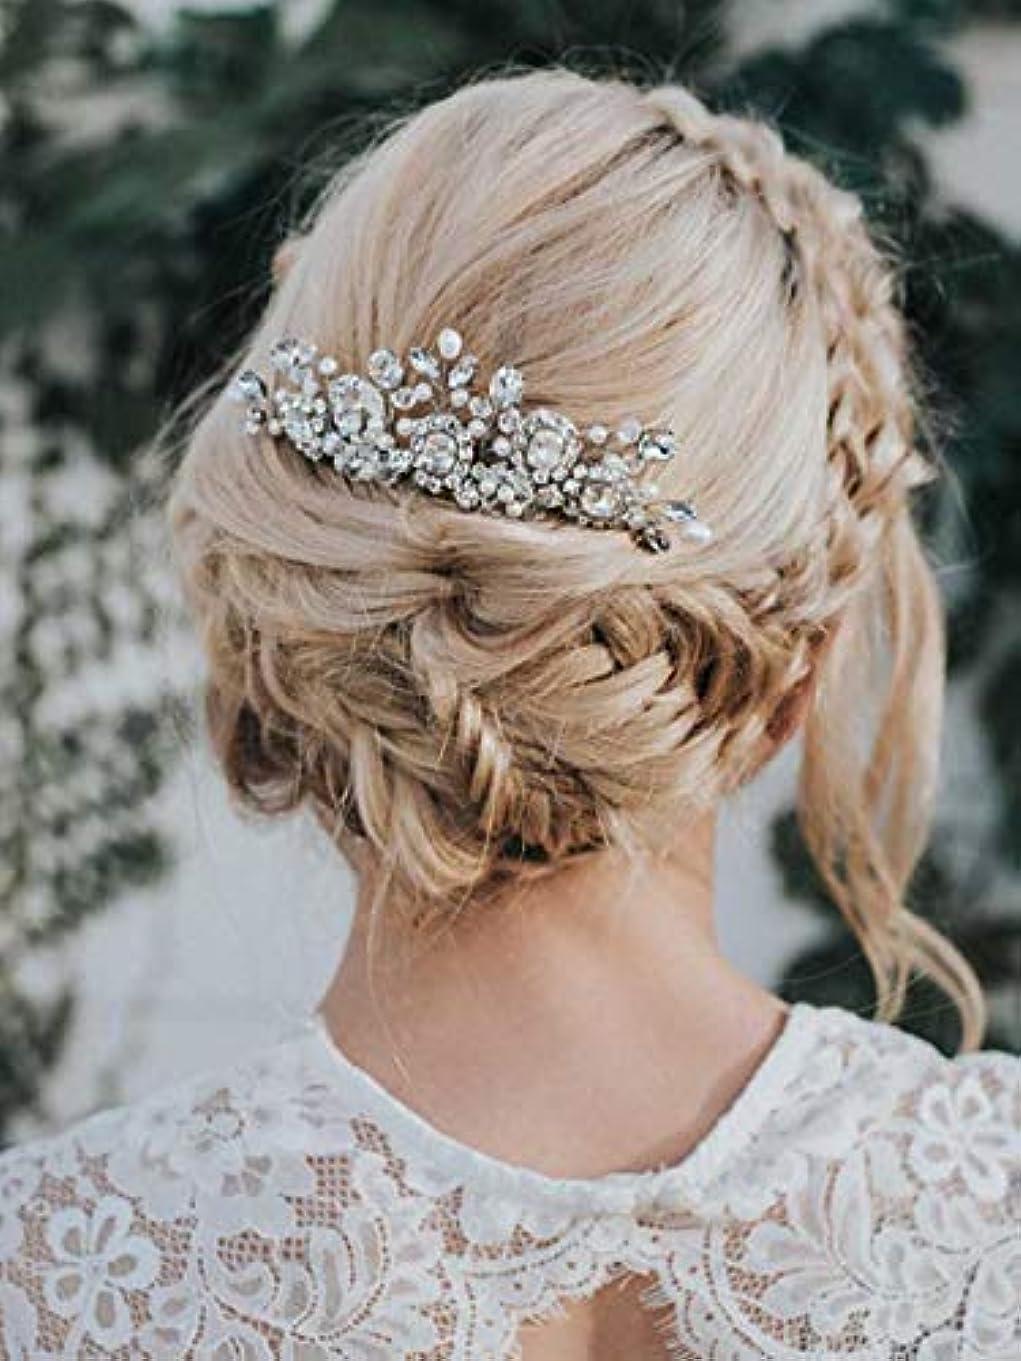 トリップセメント積極的にAukmla Bride Wedding Hair Combs Crystal Rhinestones Stunning Bridal Hair Accessories Decorative for Women and...